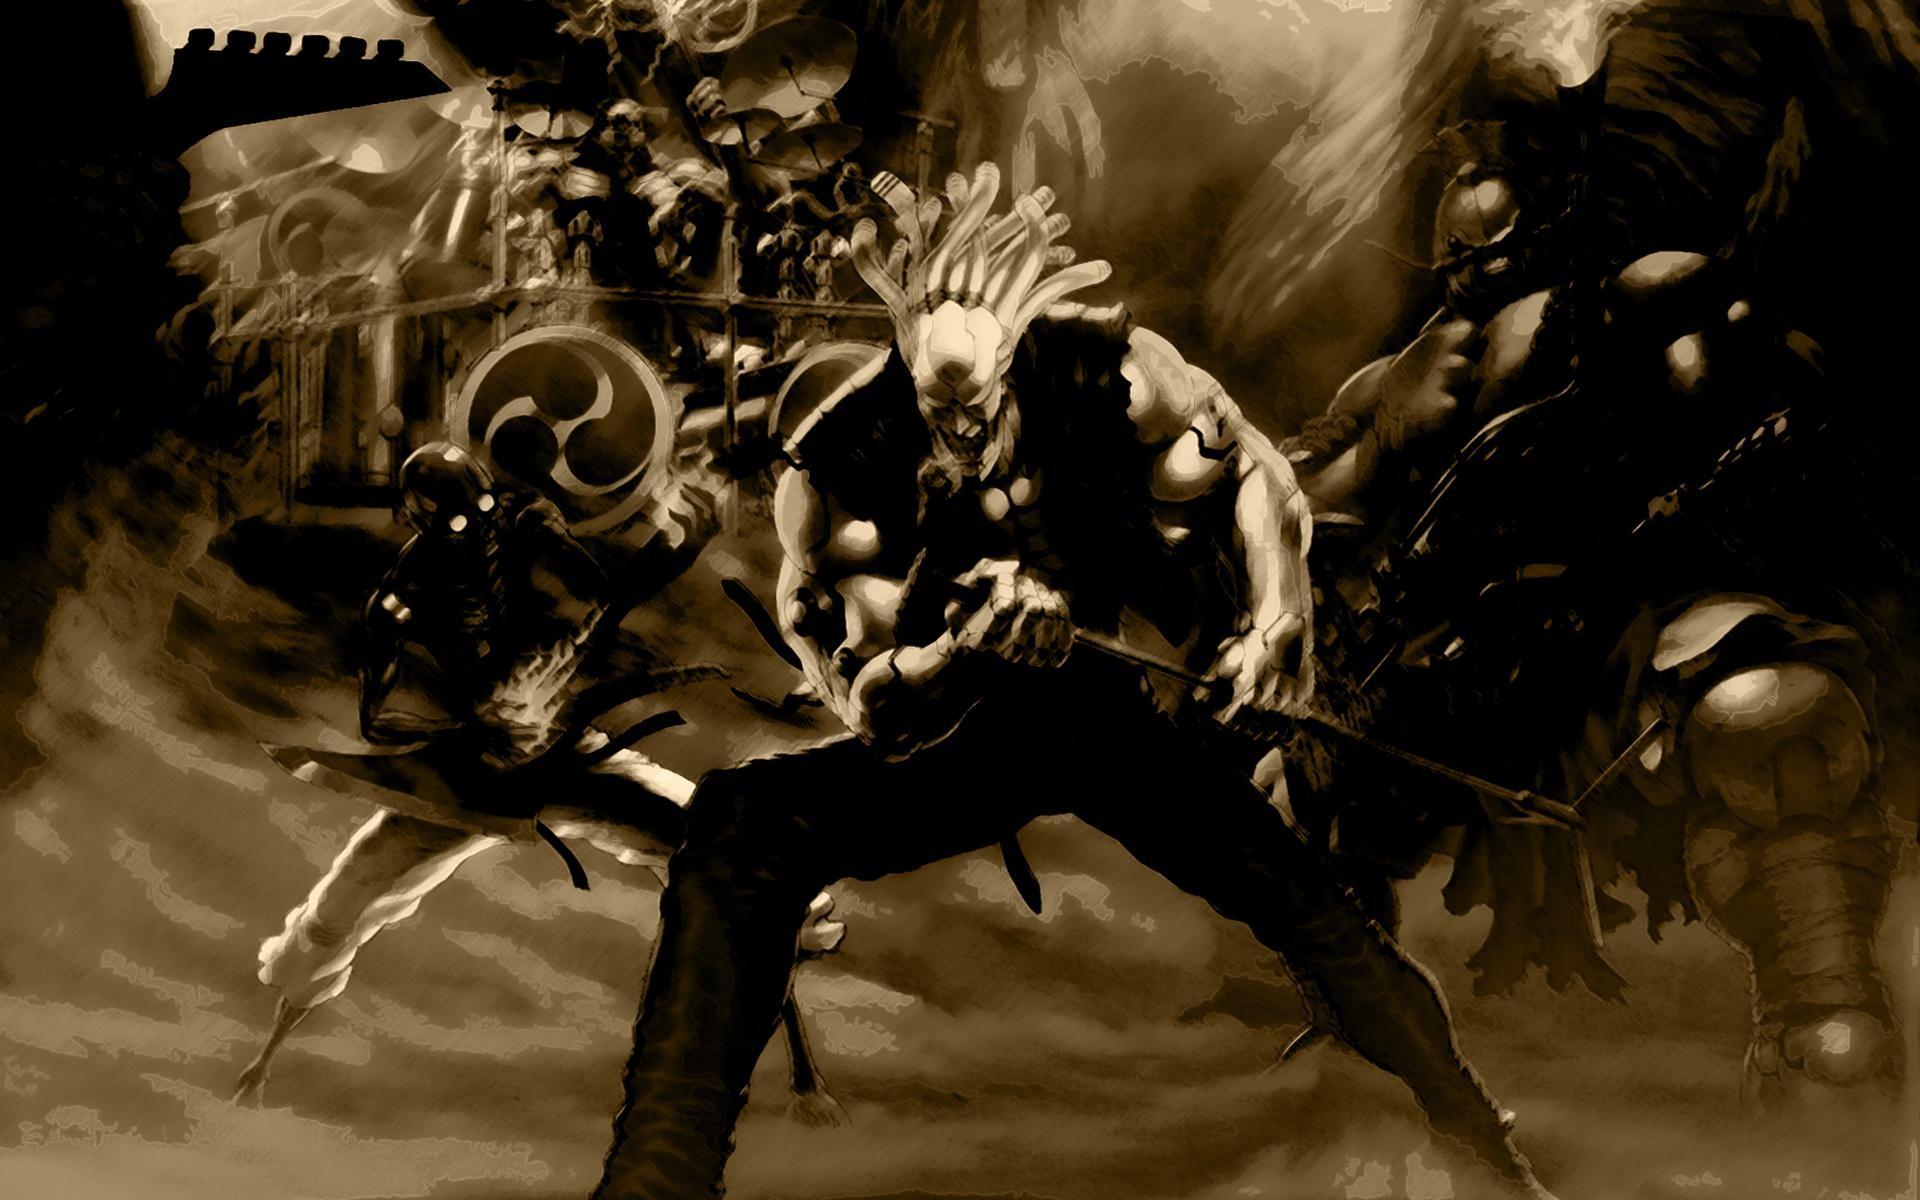 Heavy Metal Wallpaper Desktop (52+ images)